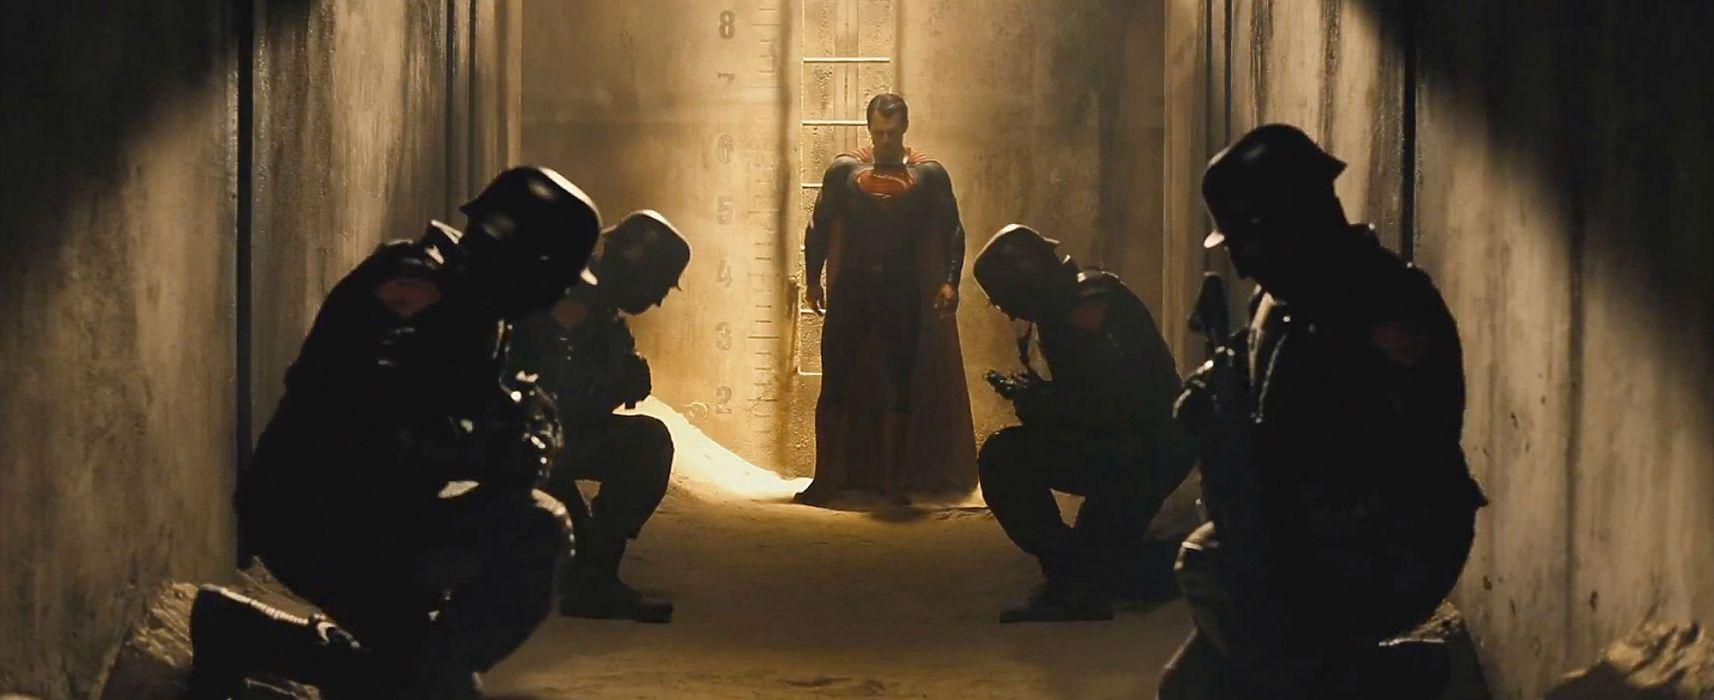 BATMAN-v-SUPERMAN dc-comics superhero d-c superman batman action adventure comics dawn justice wallpaper